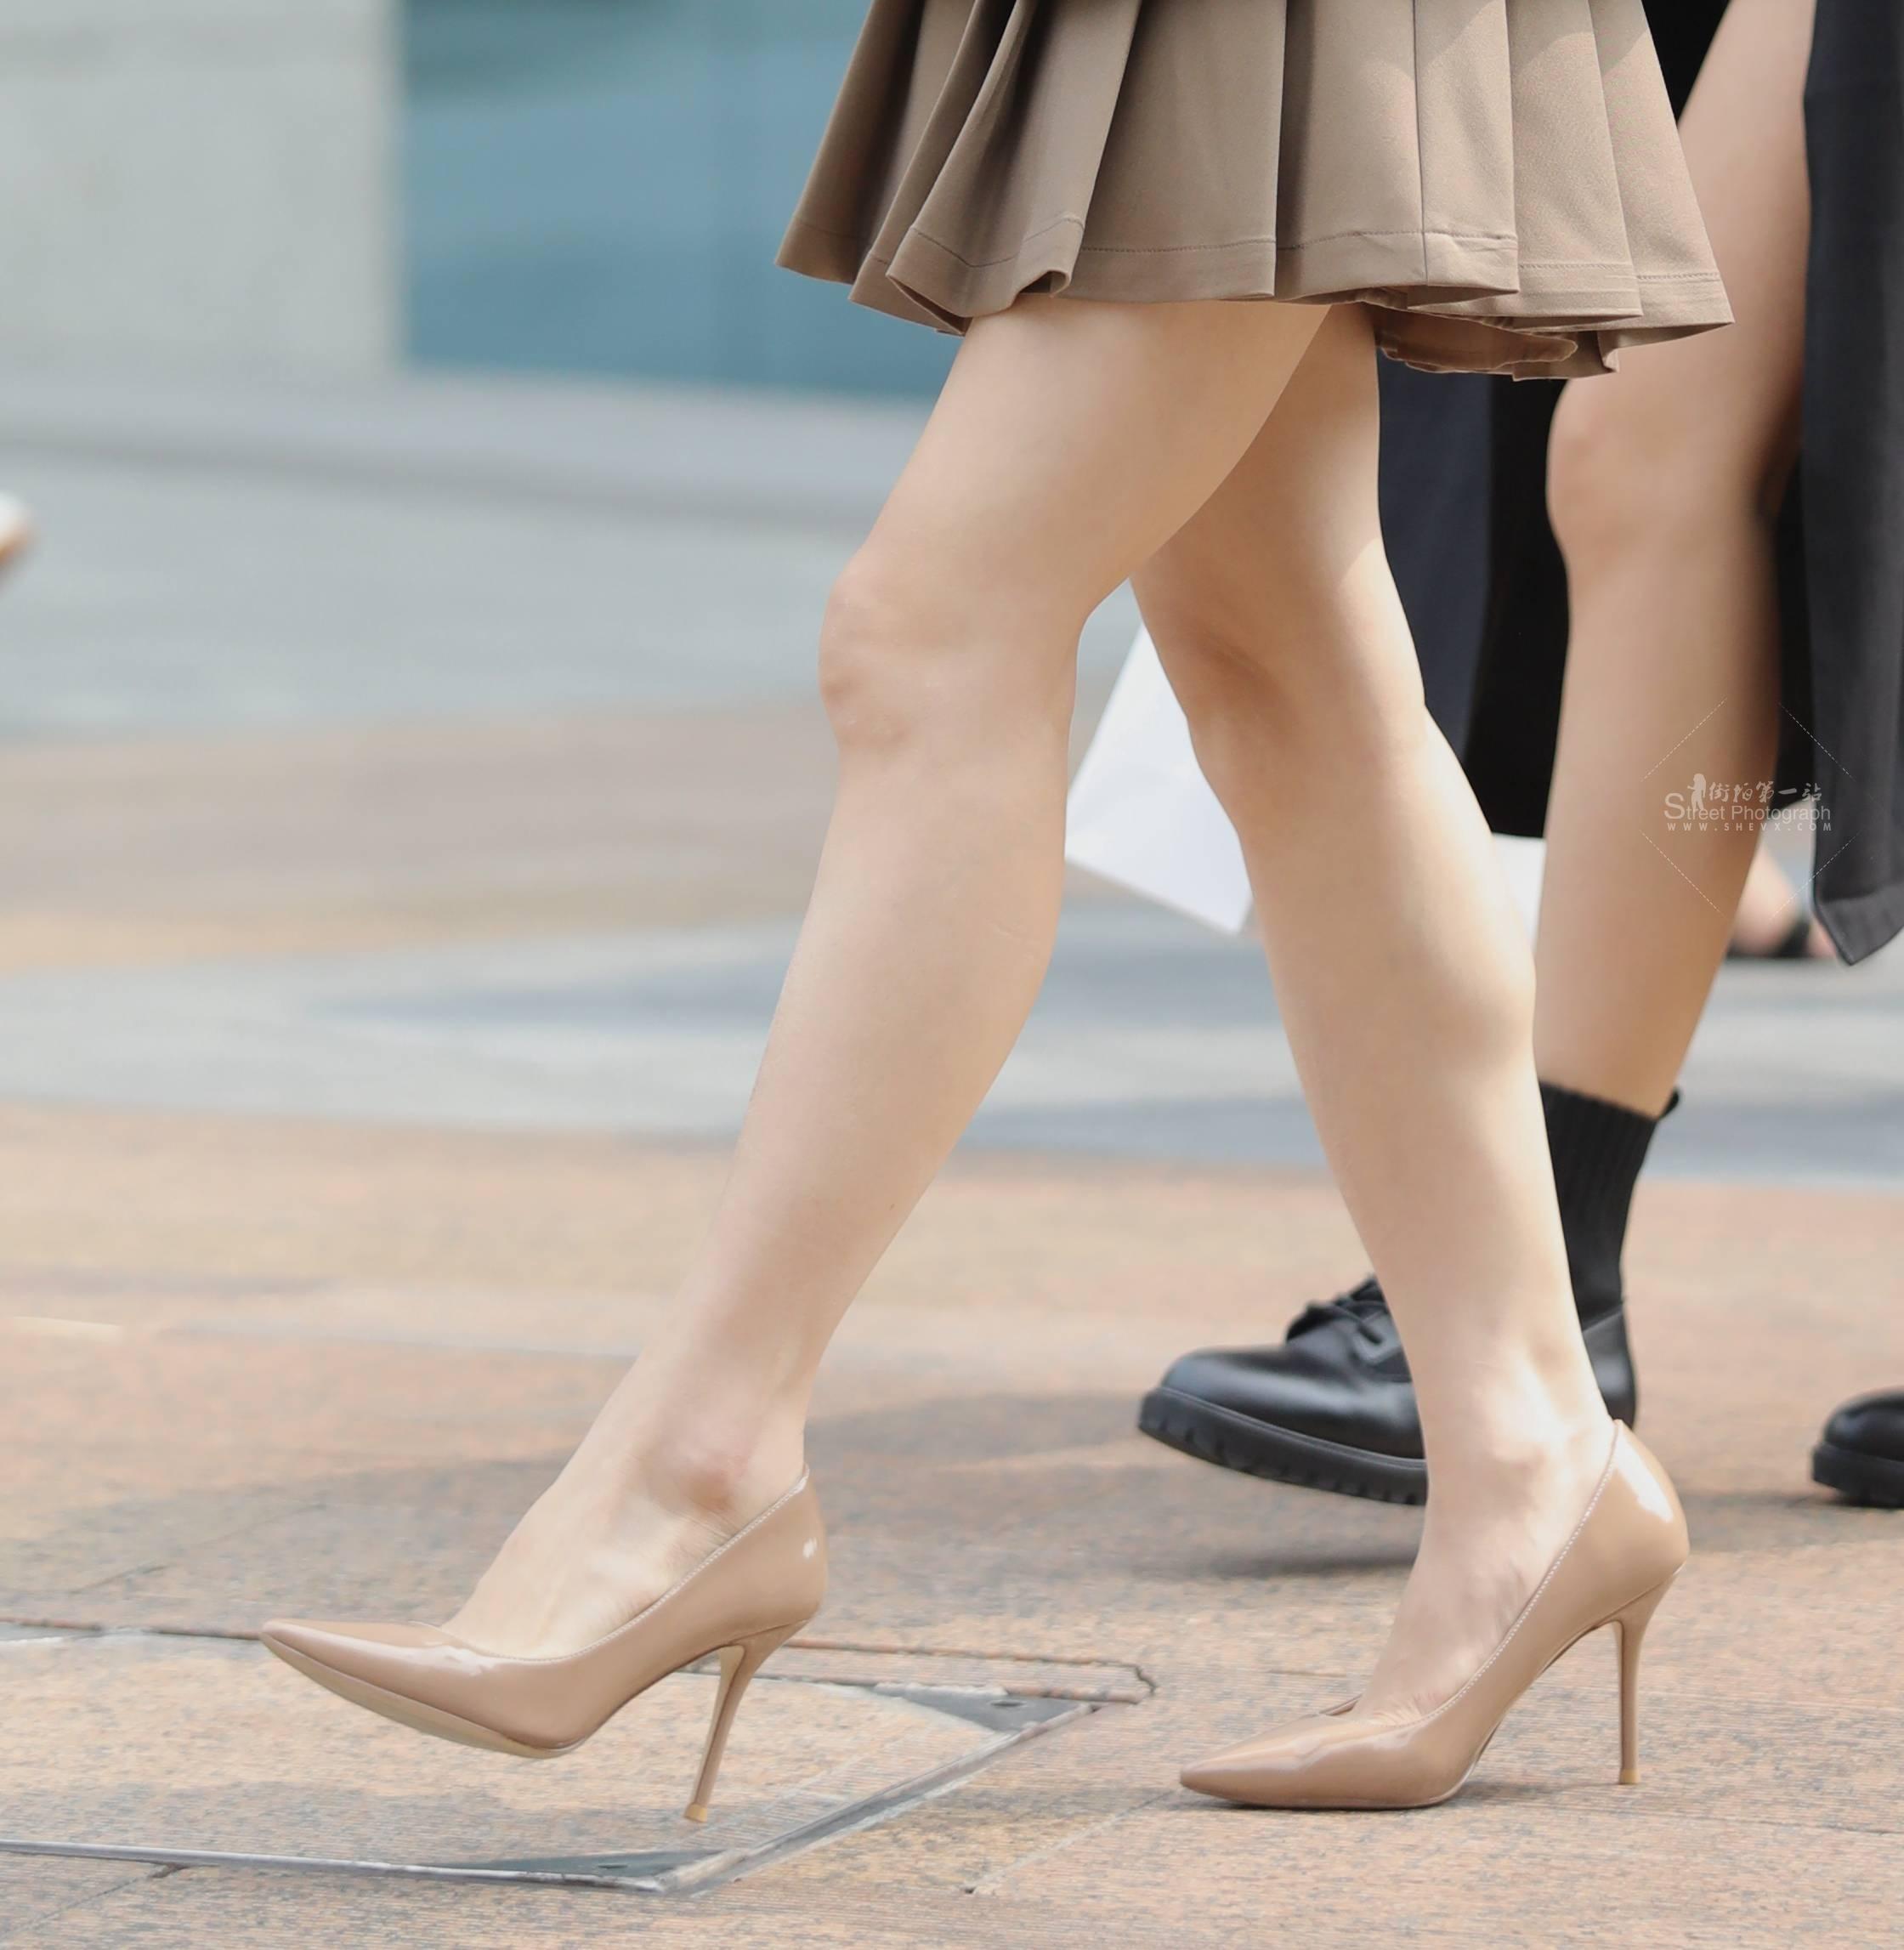 街拍高跟,街拍短裙 【珏一笑而过】短裙 高跟妹子 最新街拍丝袜图片 街拍丝袜第一站